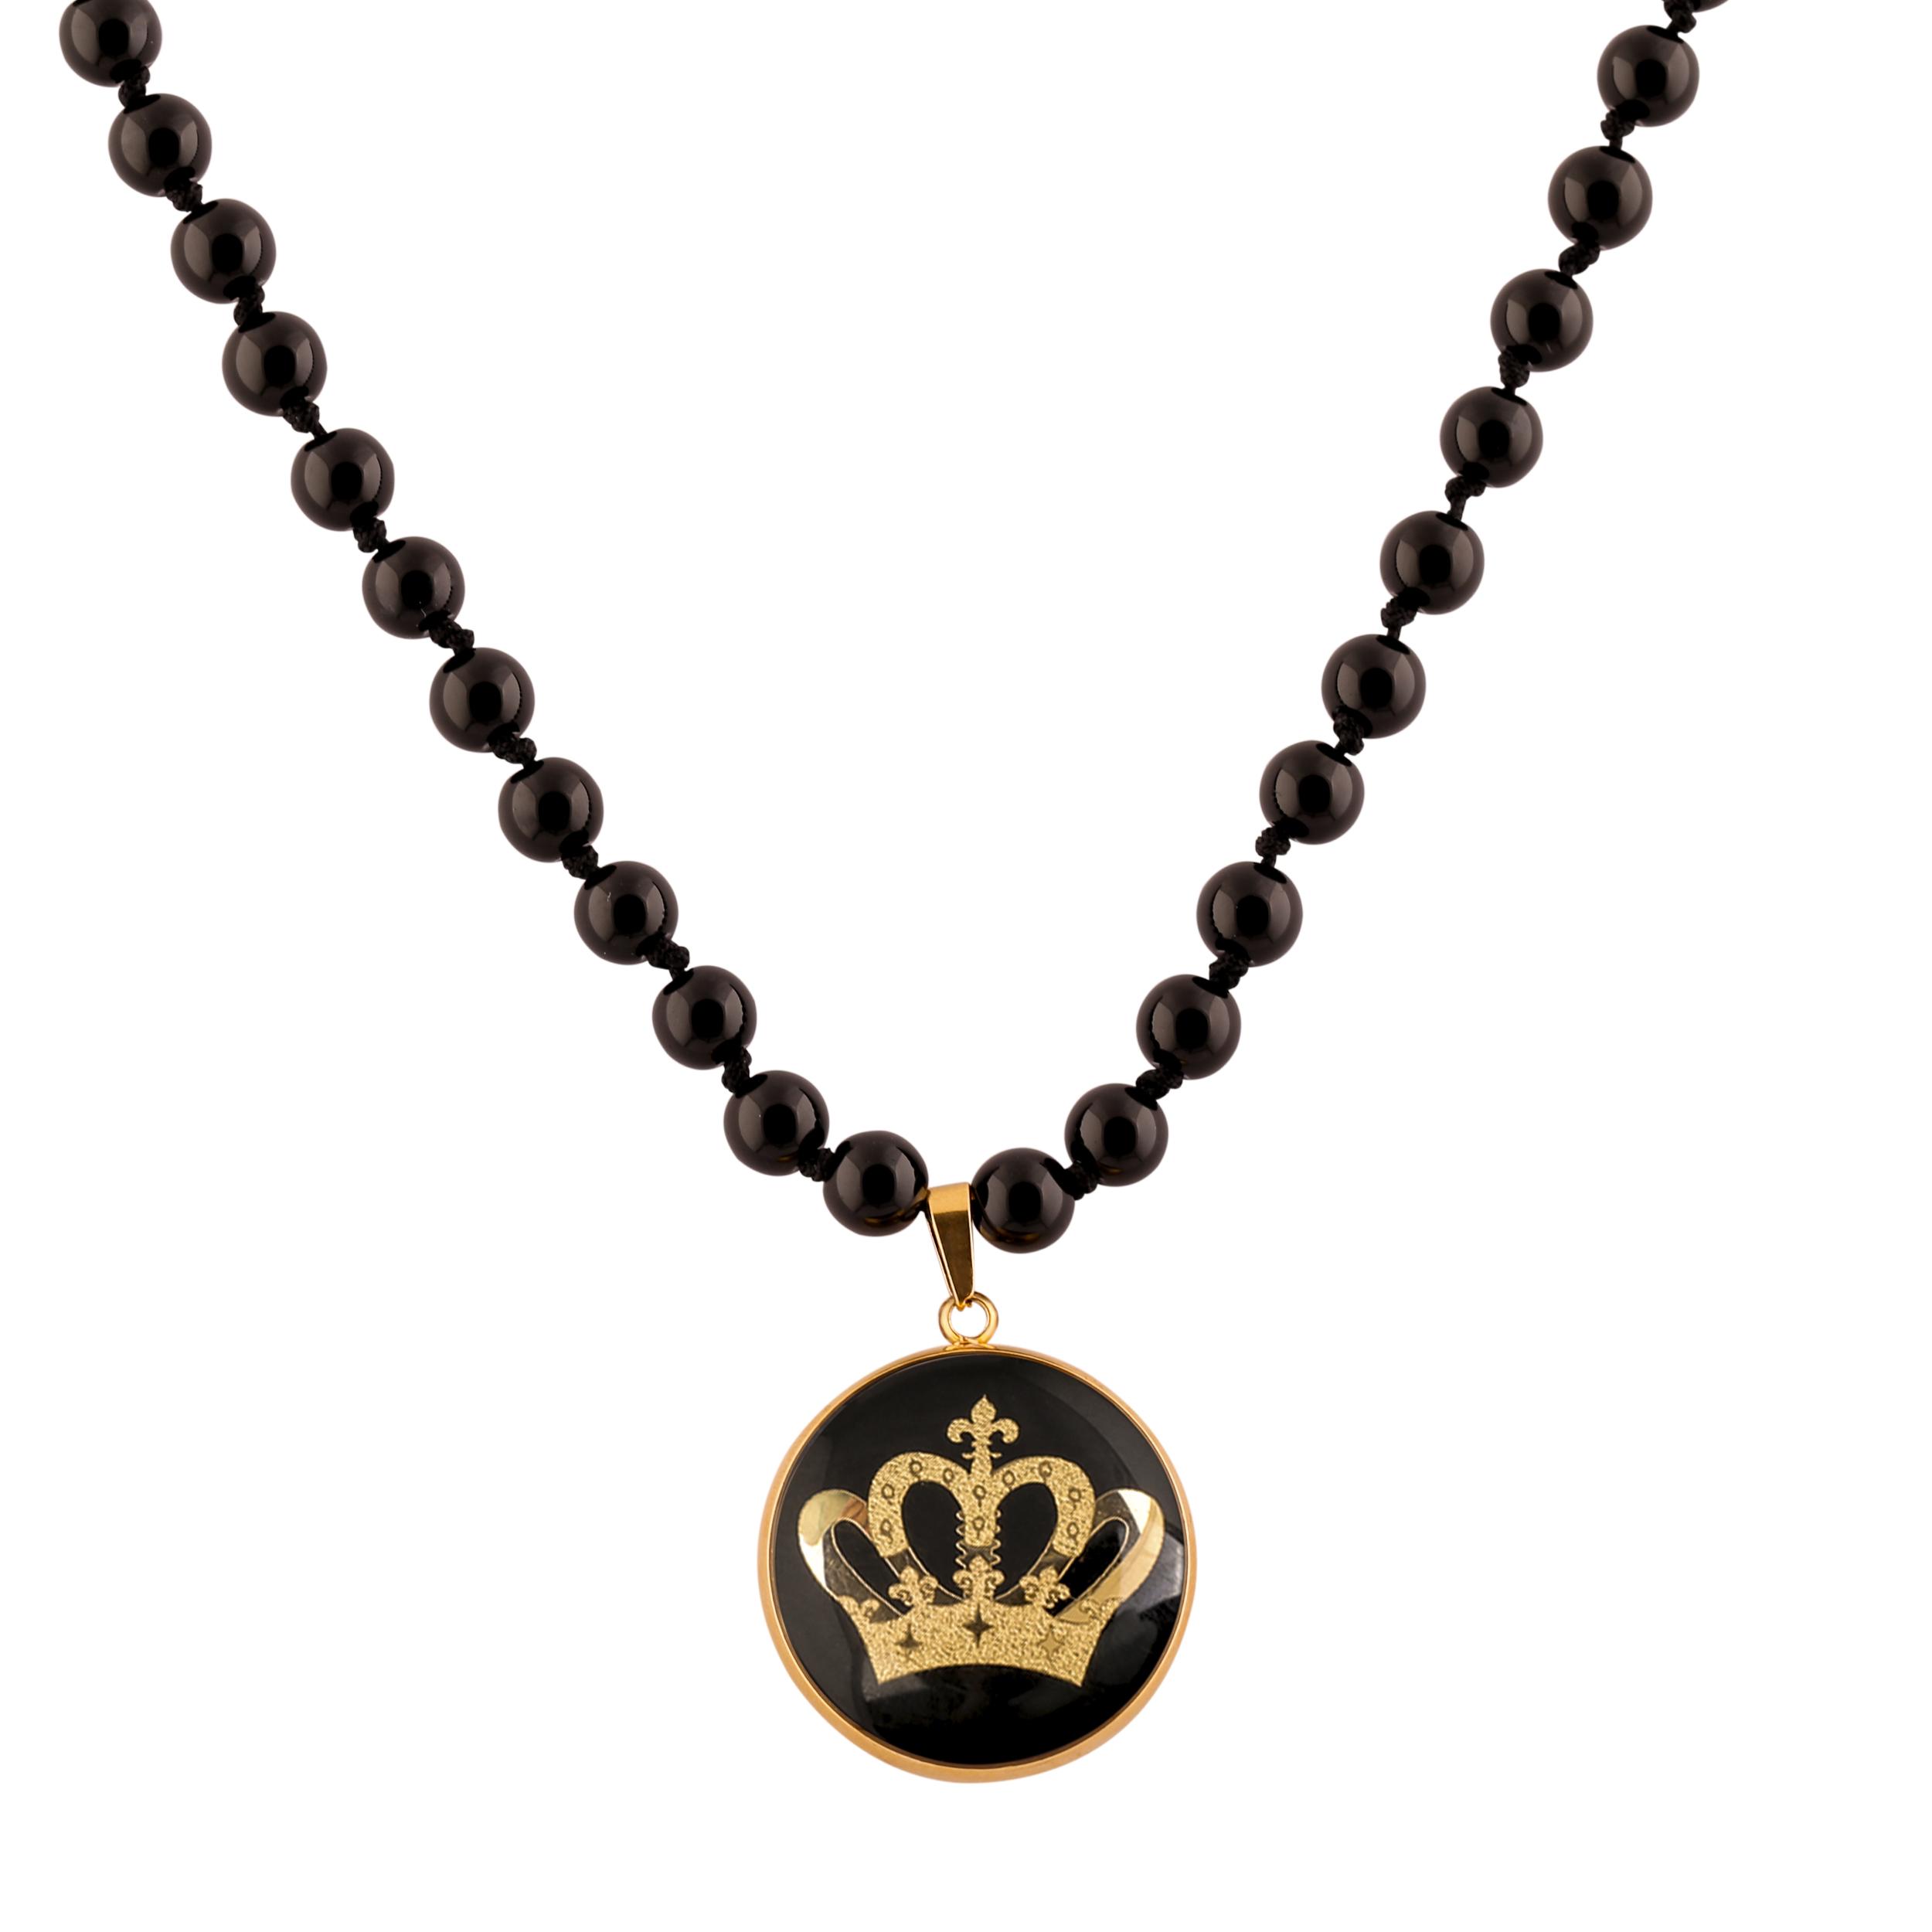 گردنبند زنانه الون طرح تاج ملکه کد ONI 101